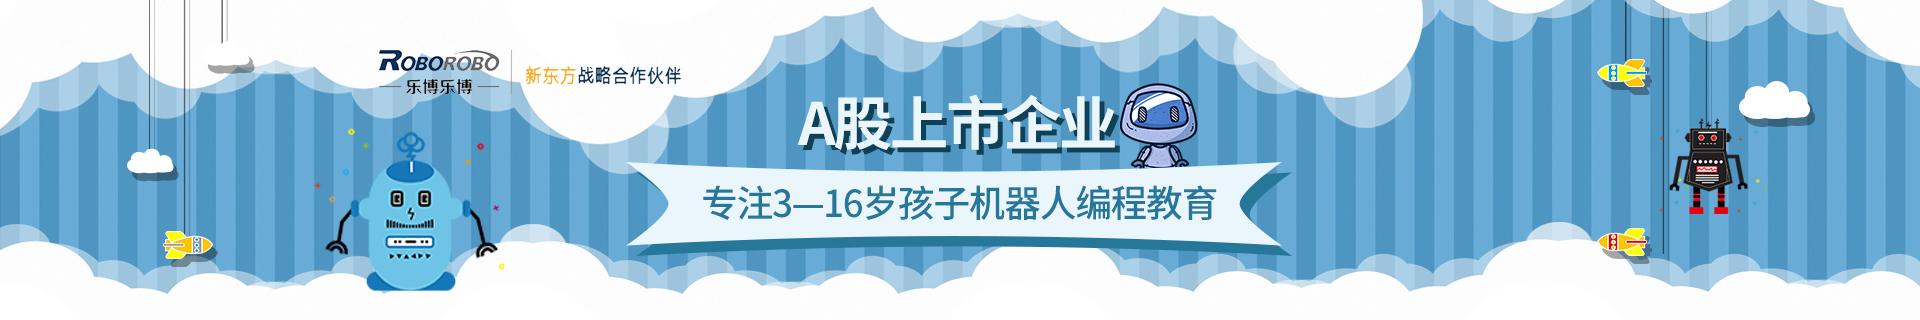 深圳南山区蛇口公园路乐博乐博少儿编程